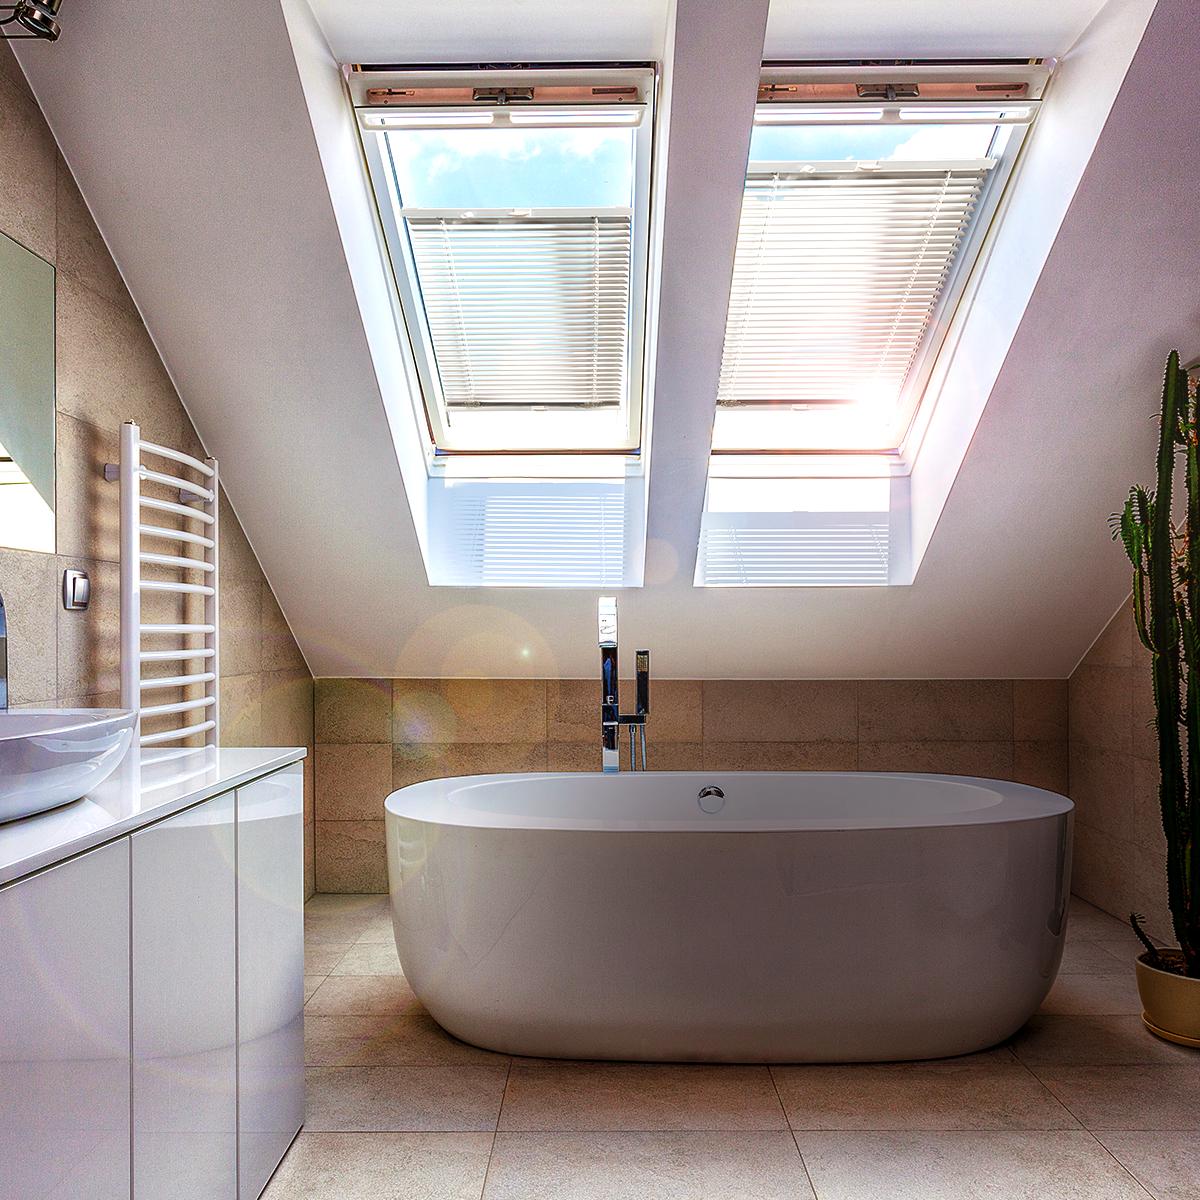 Dachfenster Plissee In 2020 Dachfenster Fenster Plissee Badezimmer